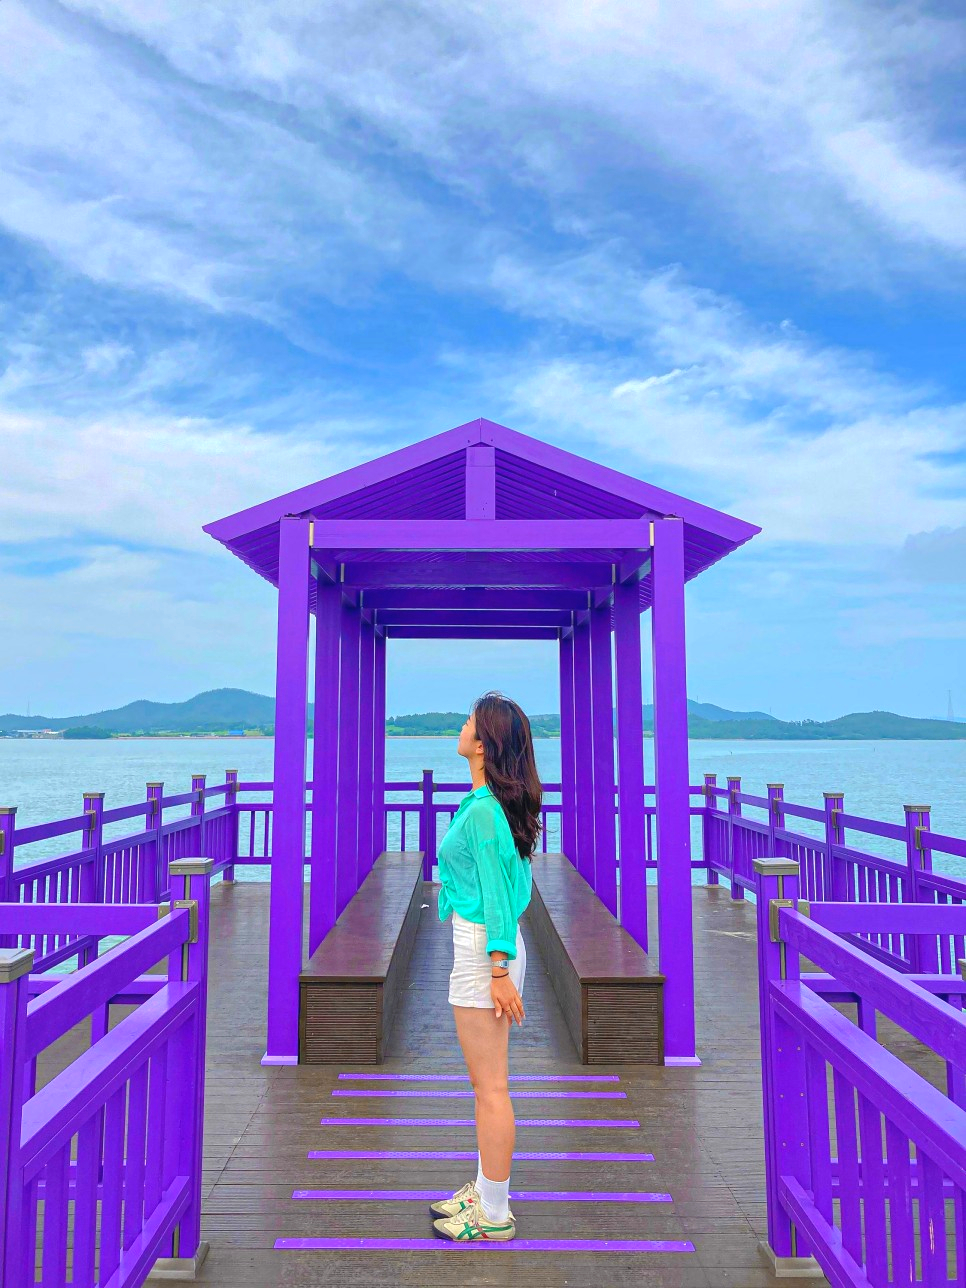 〈好遊〉望梅止渴!韓國三大新打卡熱點 不能錯過的仙氣紫色島